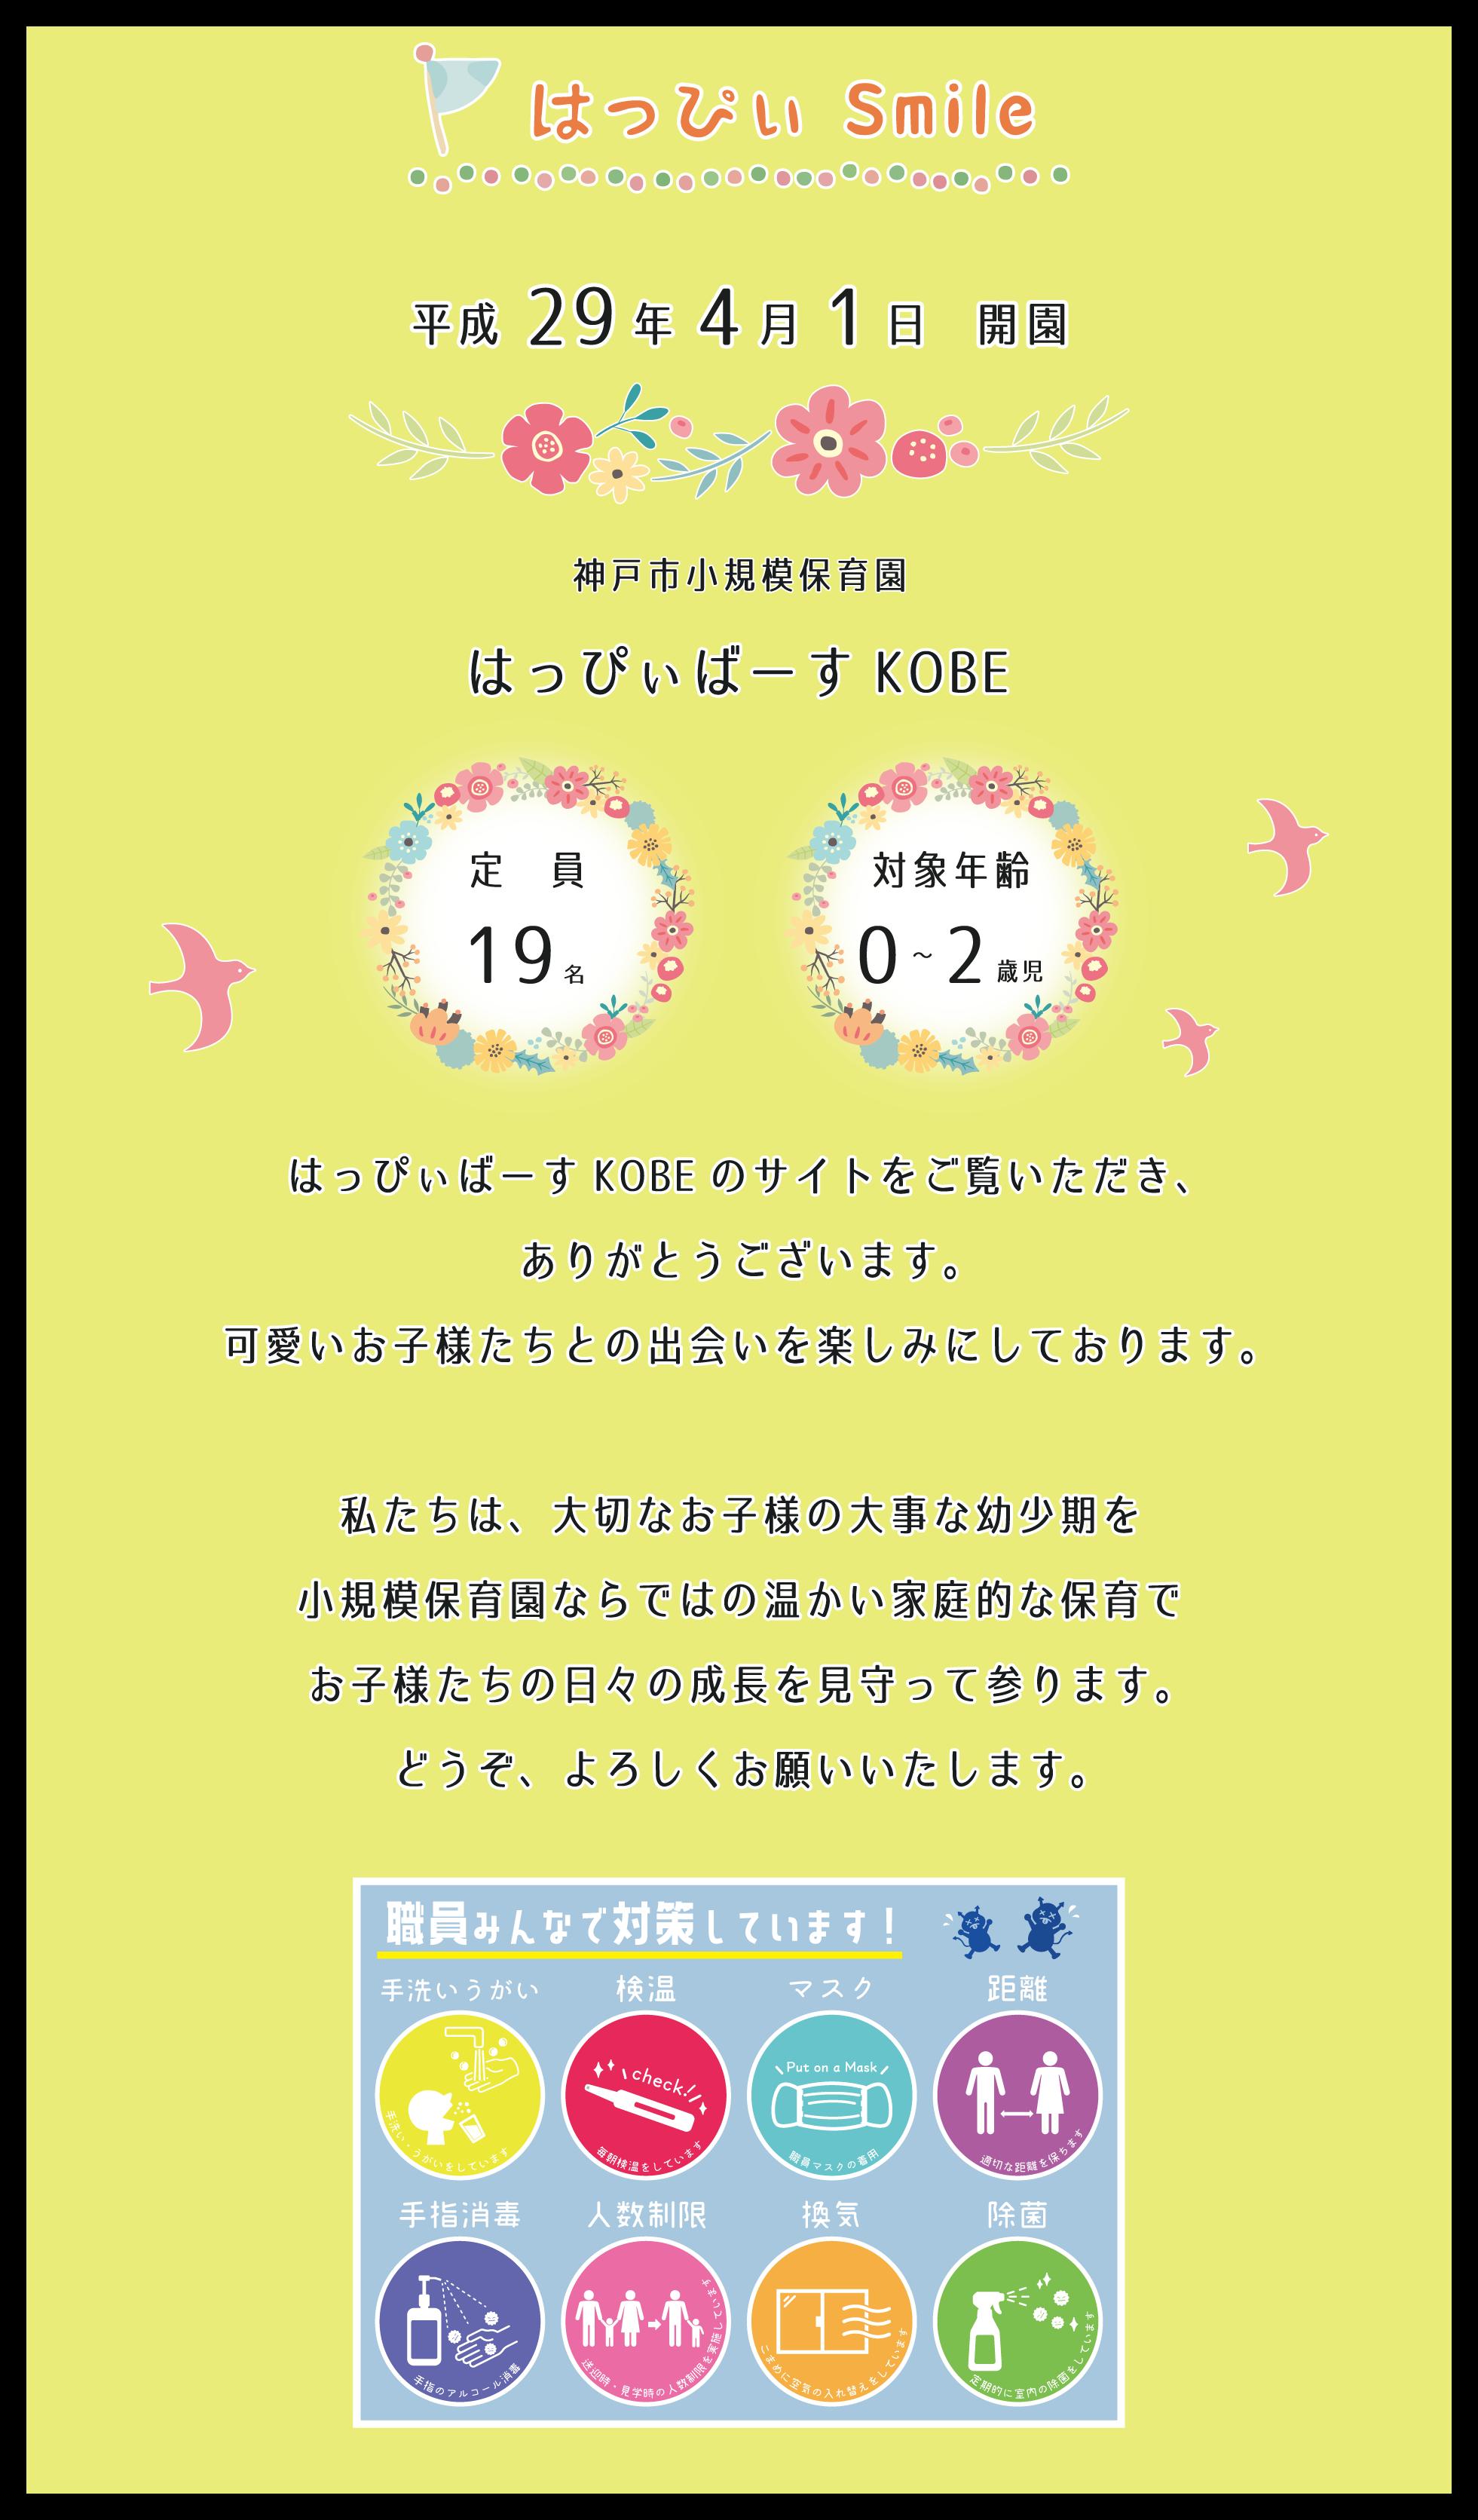 神戸あいさつ1-03.png